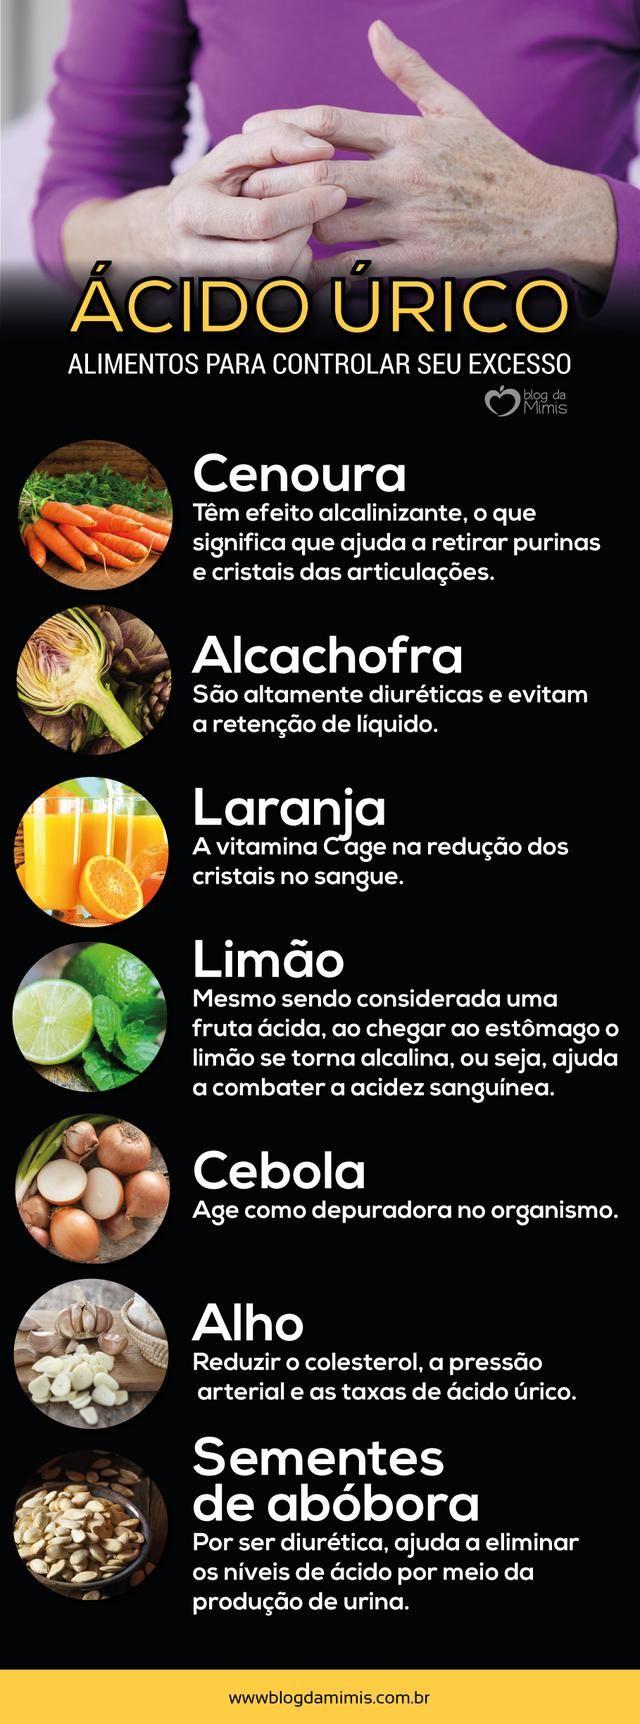 ácido Urico